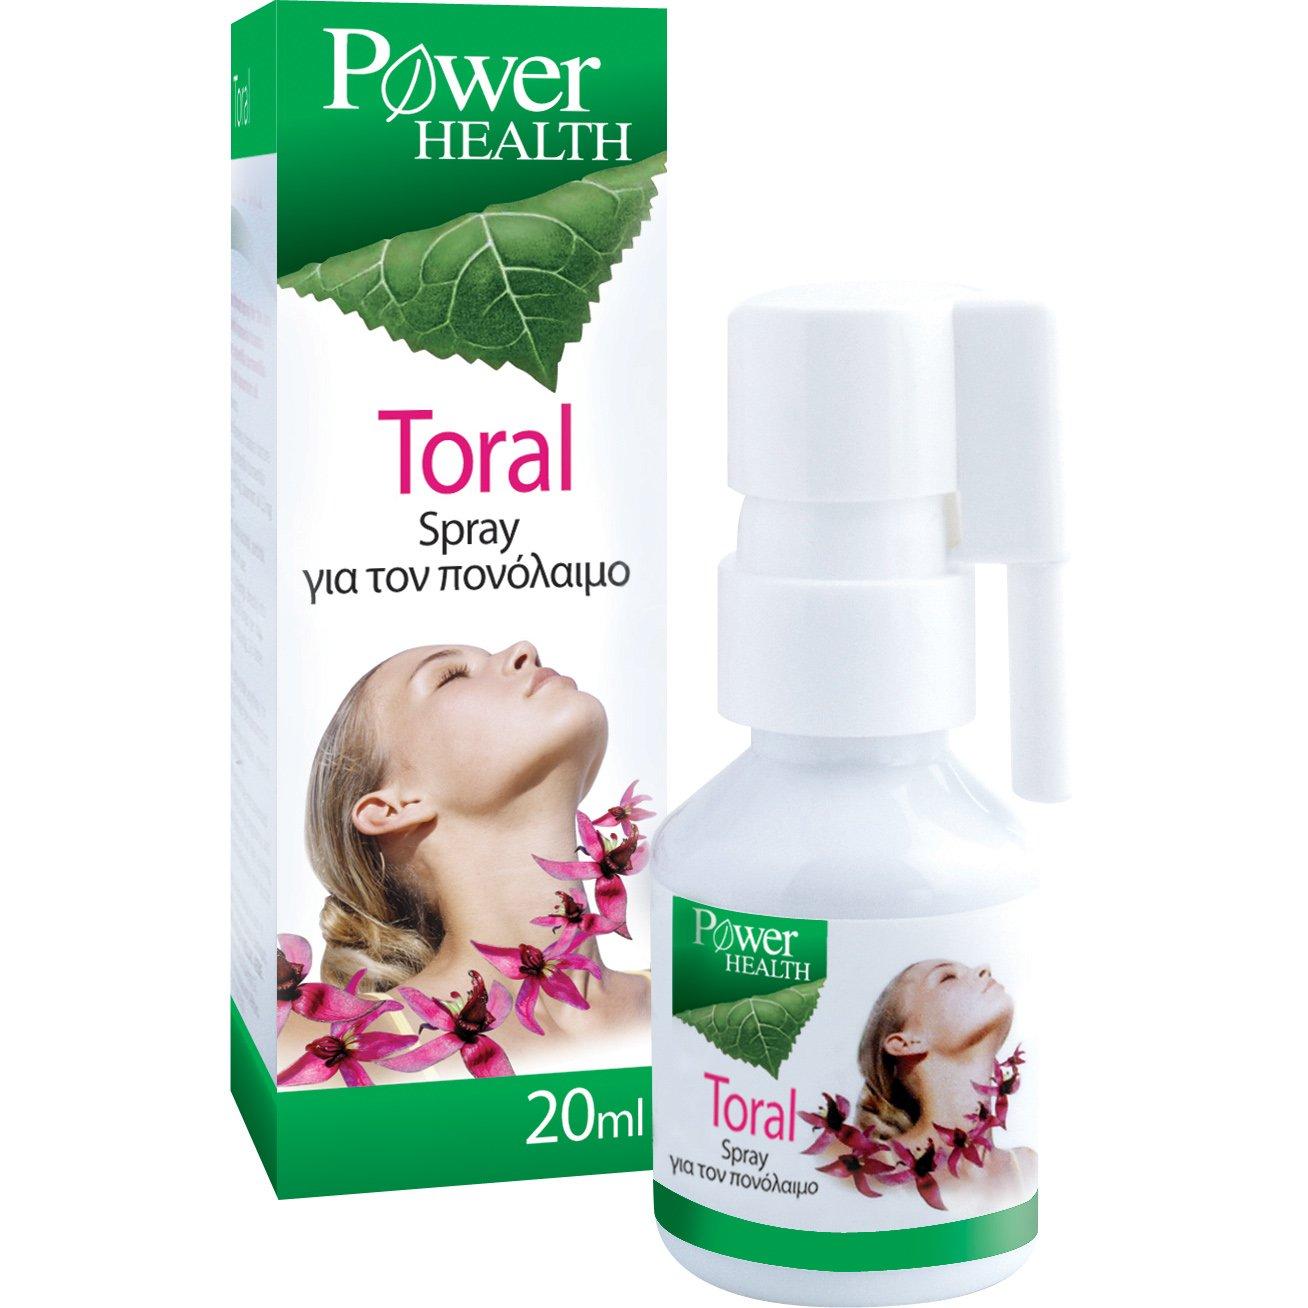 Power Health Toral Spray Φυσικό Σπρέυ για τον Πονόλαιμο και τον Ερεθισμένο Λαιμό με Παραδοσιακά Φυτά 20ml